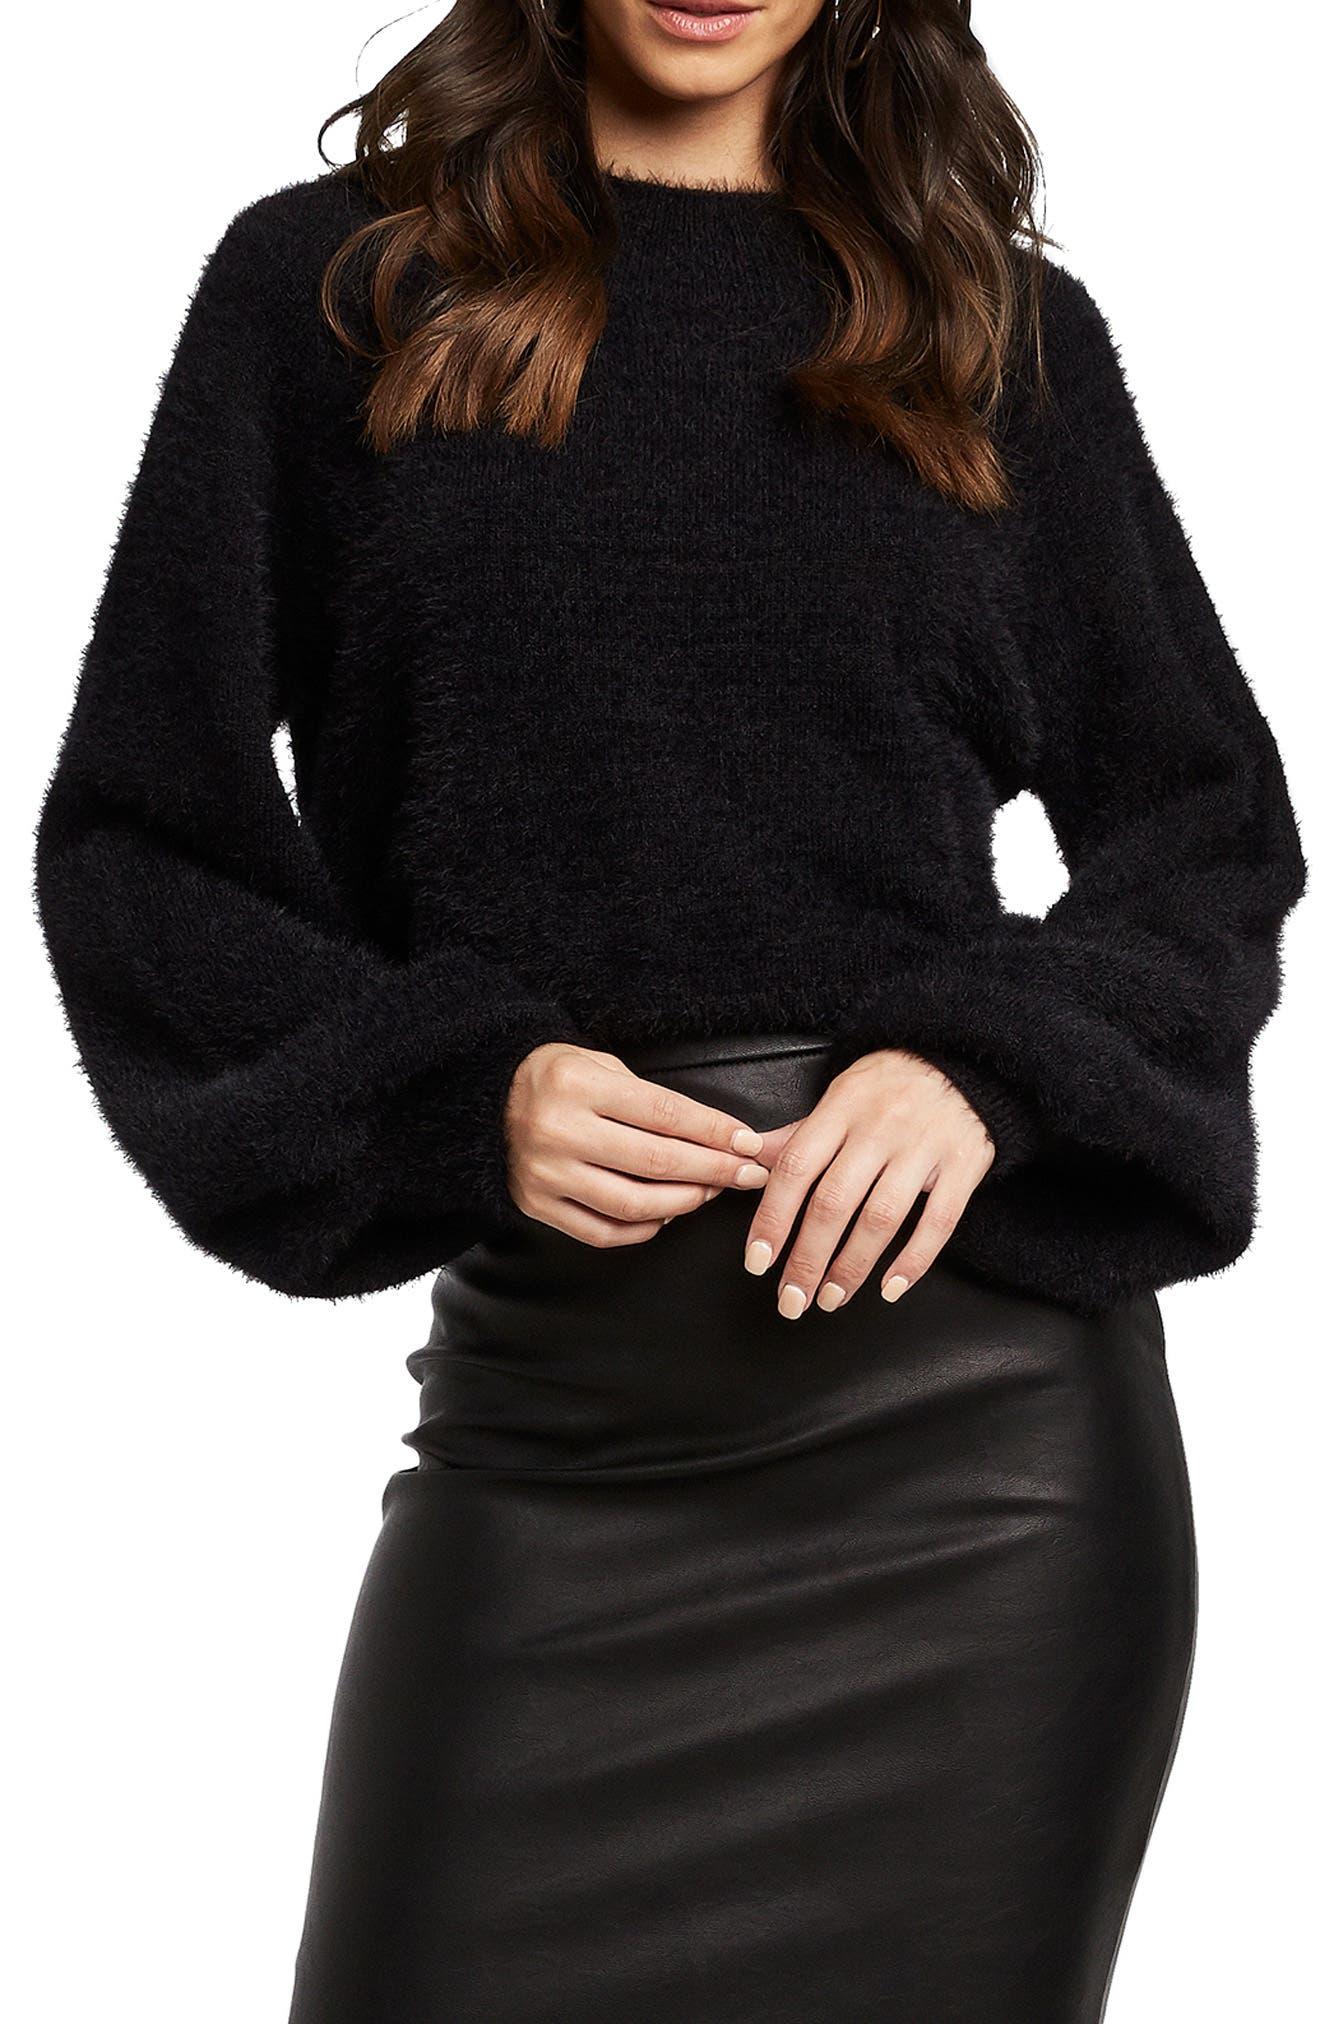 Fluffy Balloon Sleeve Sweater